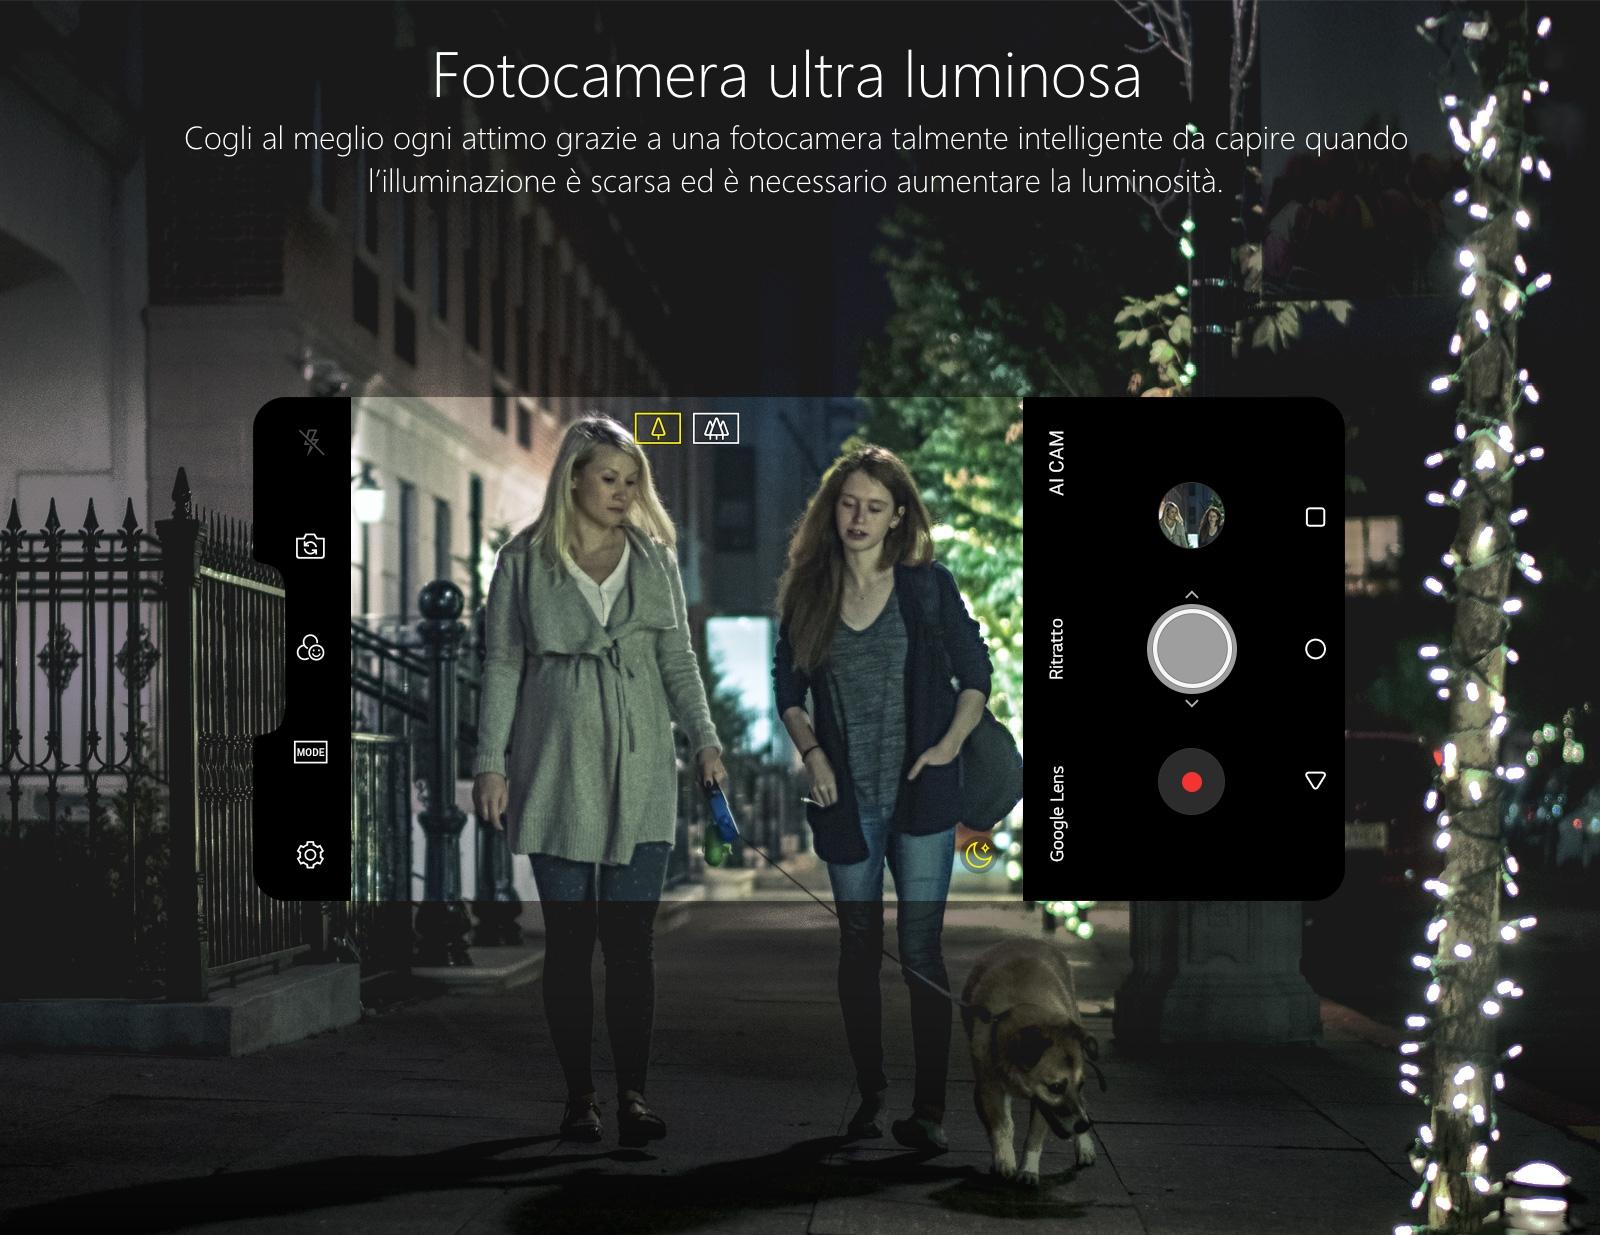 04_G7-ThinQ_Super-bright-camera_desktop